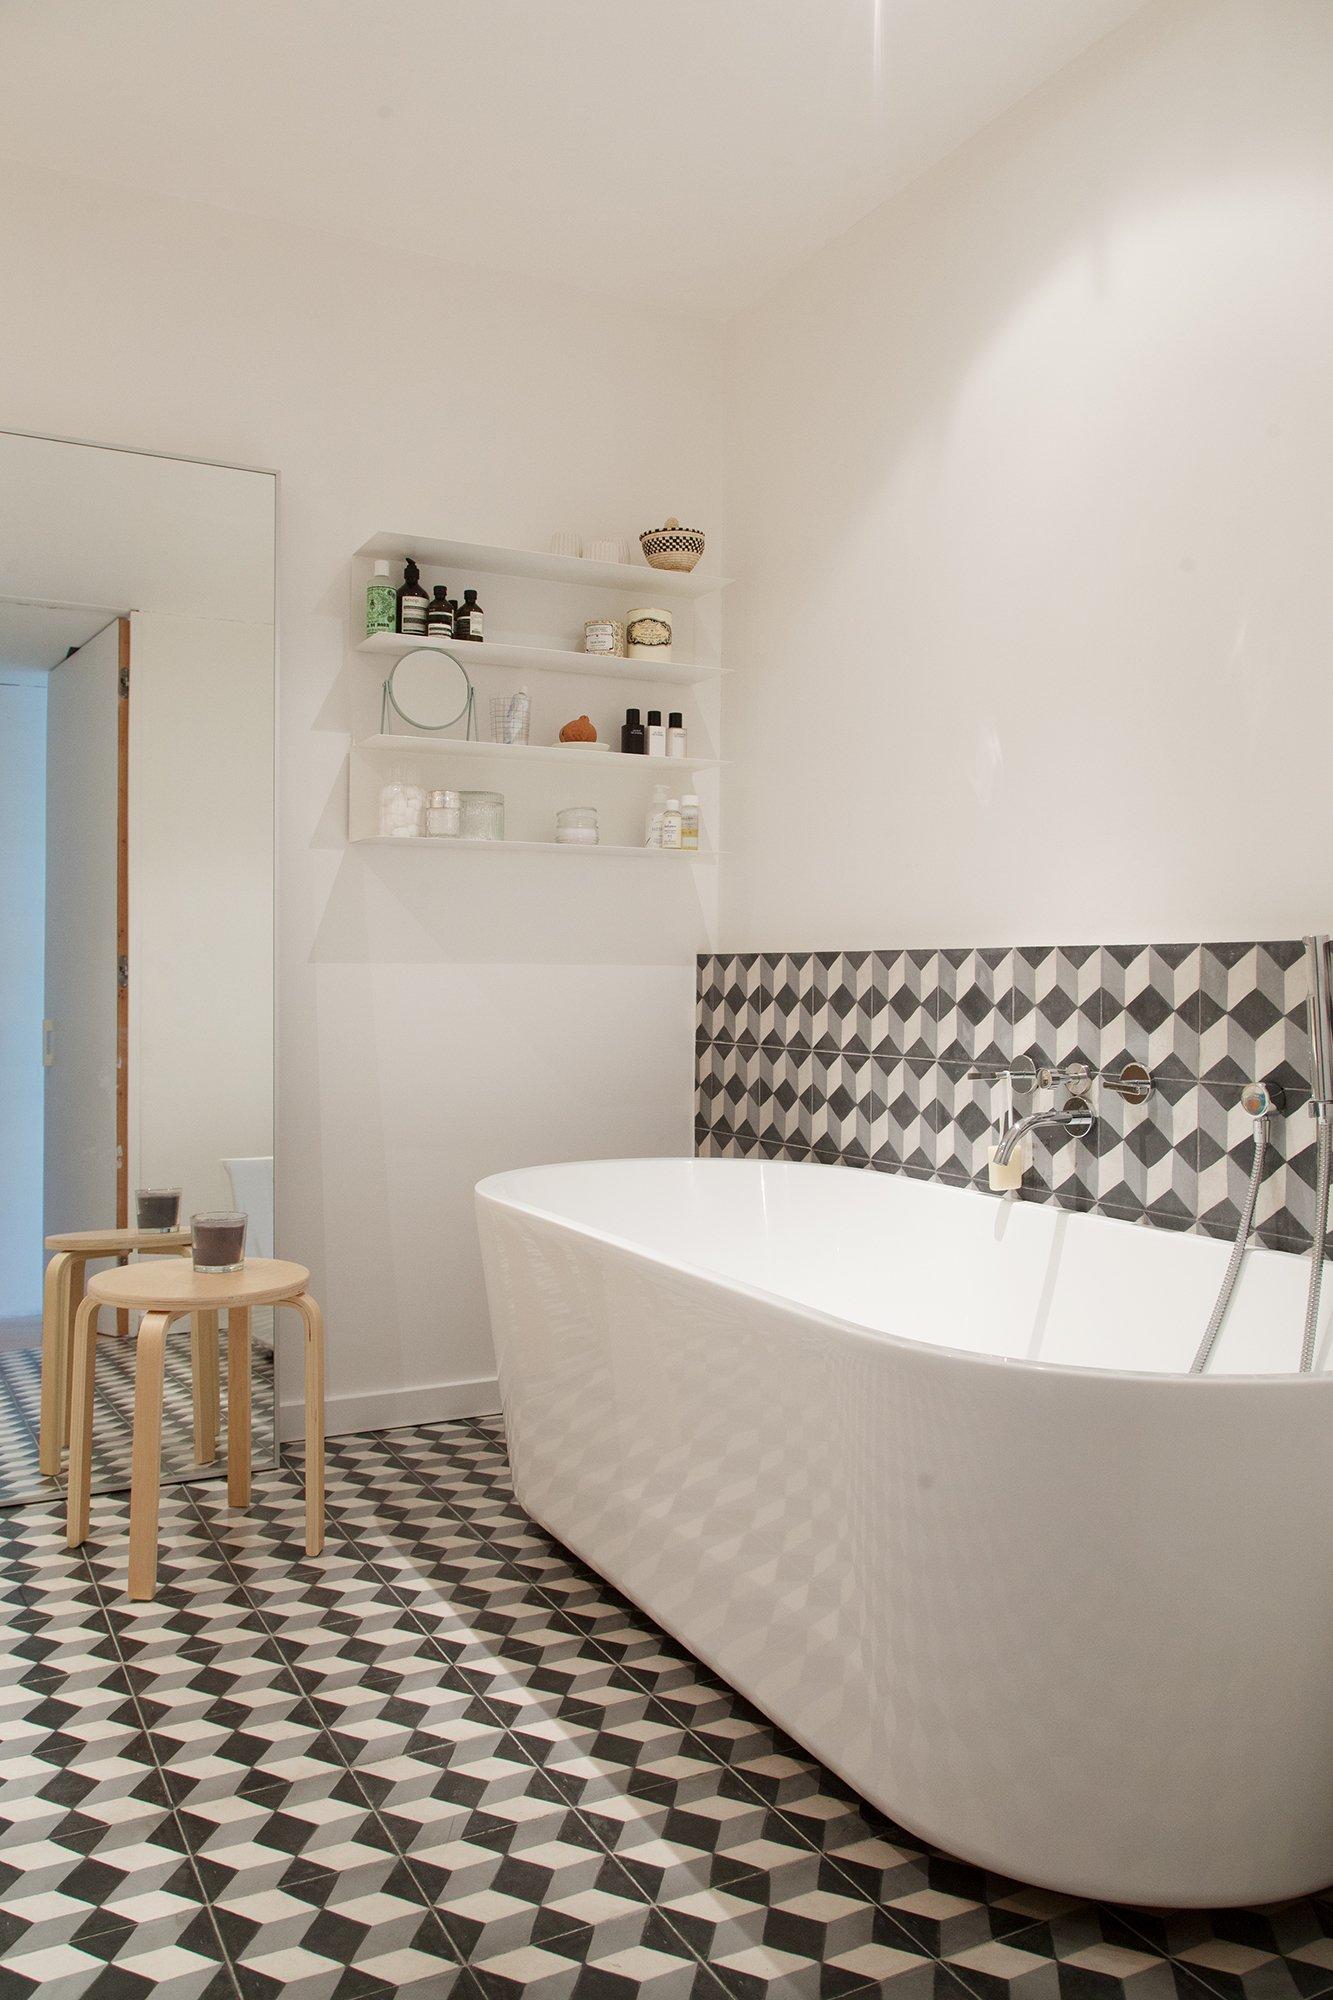 Salle de bain Carreaux ciments Architecte Laura Ruiz Fernandez Bruxelles